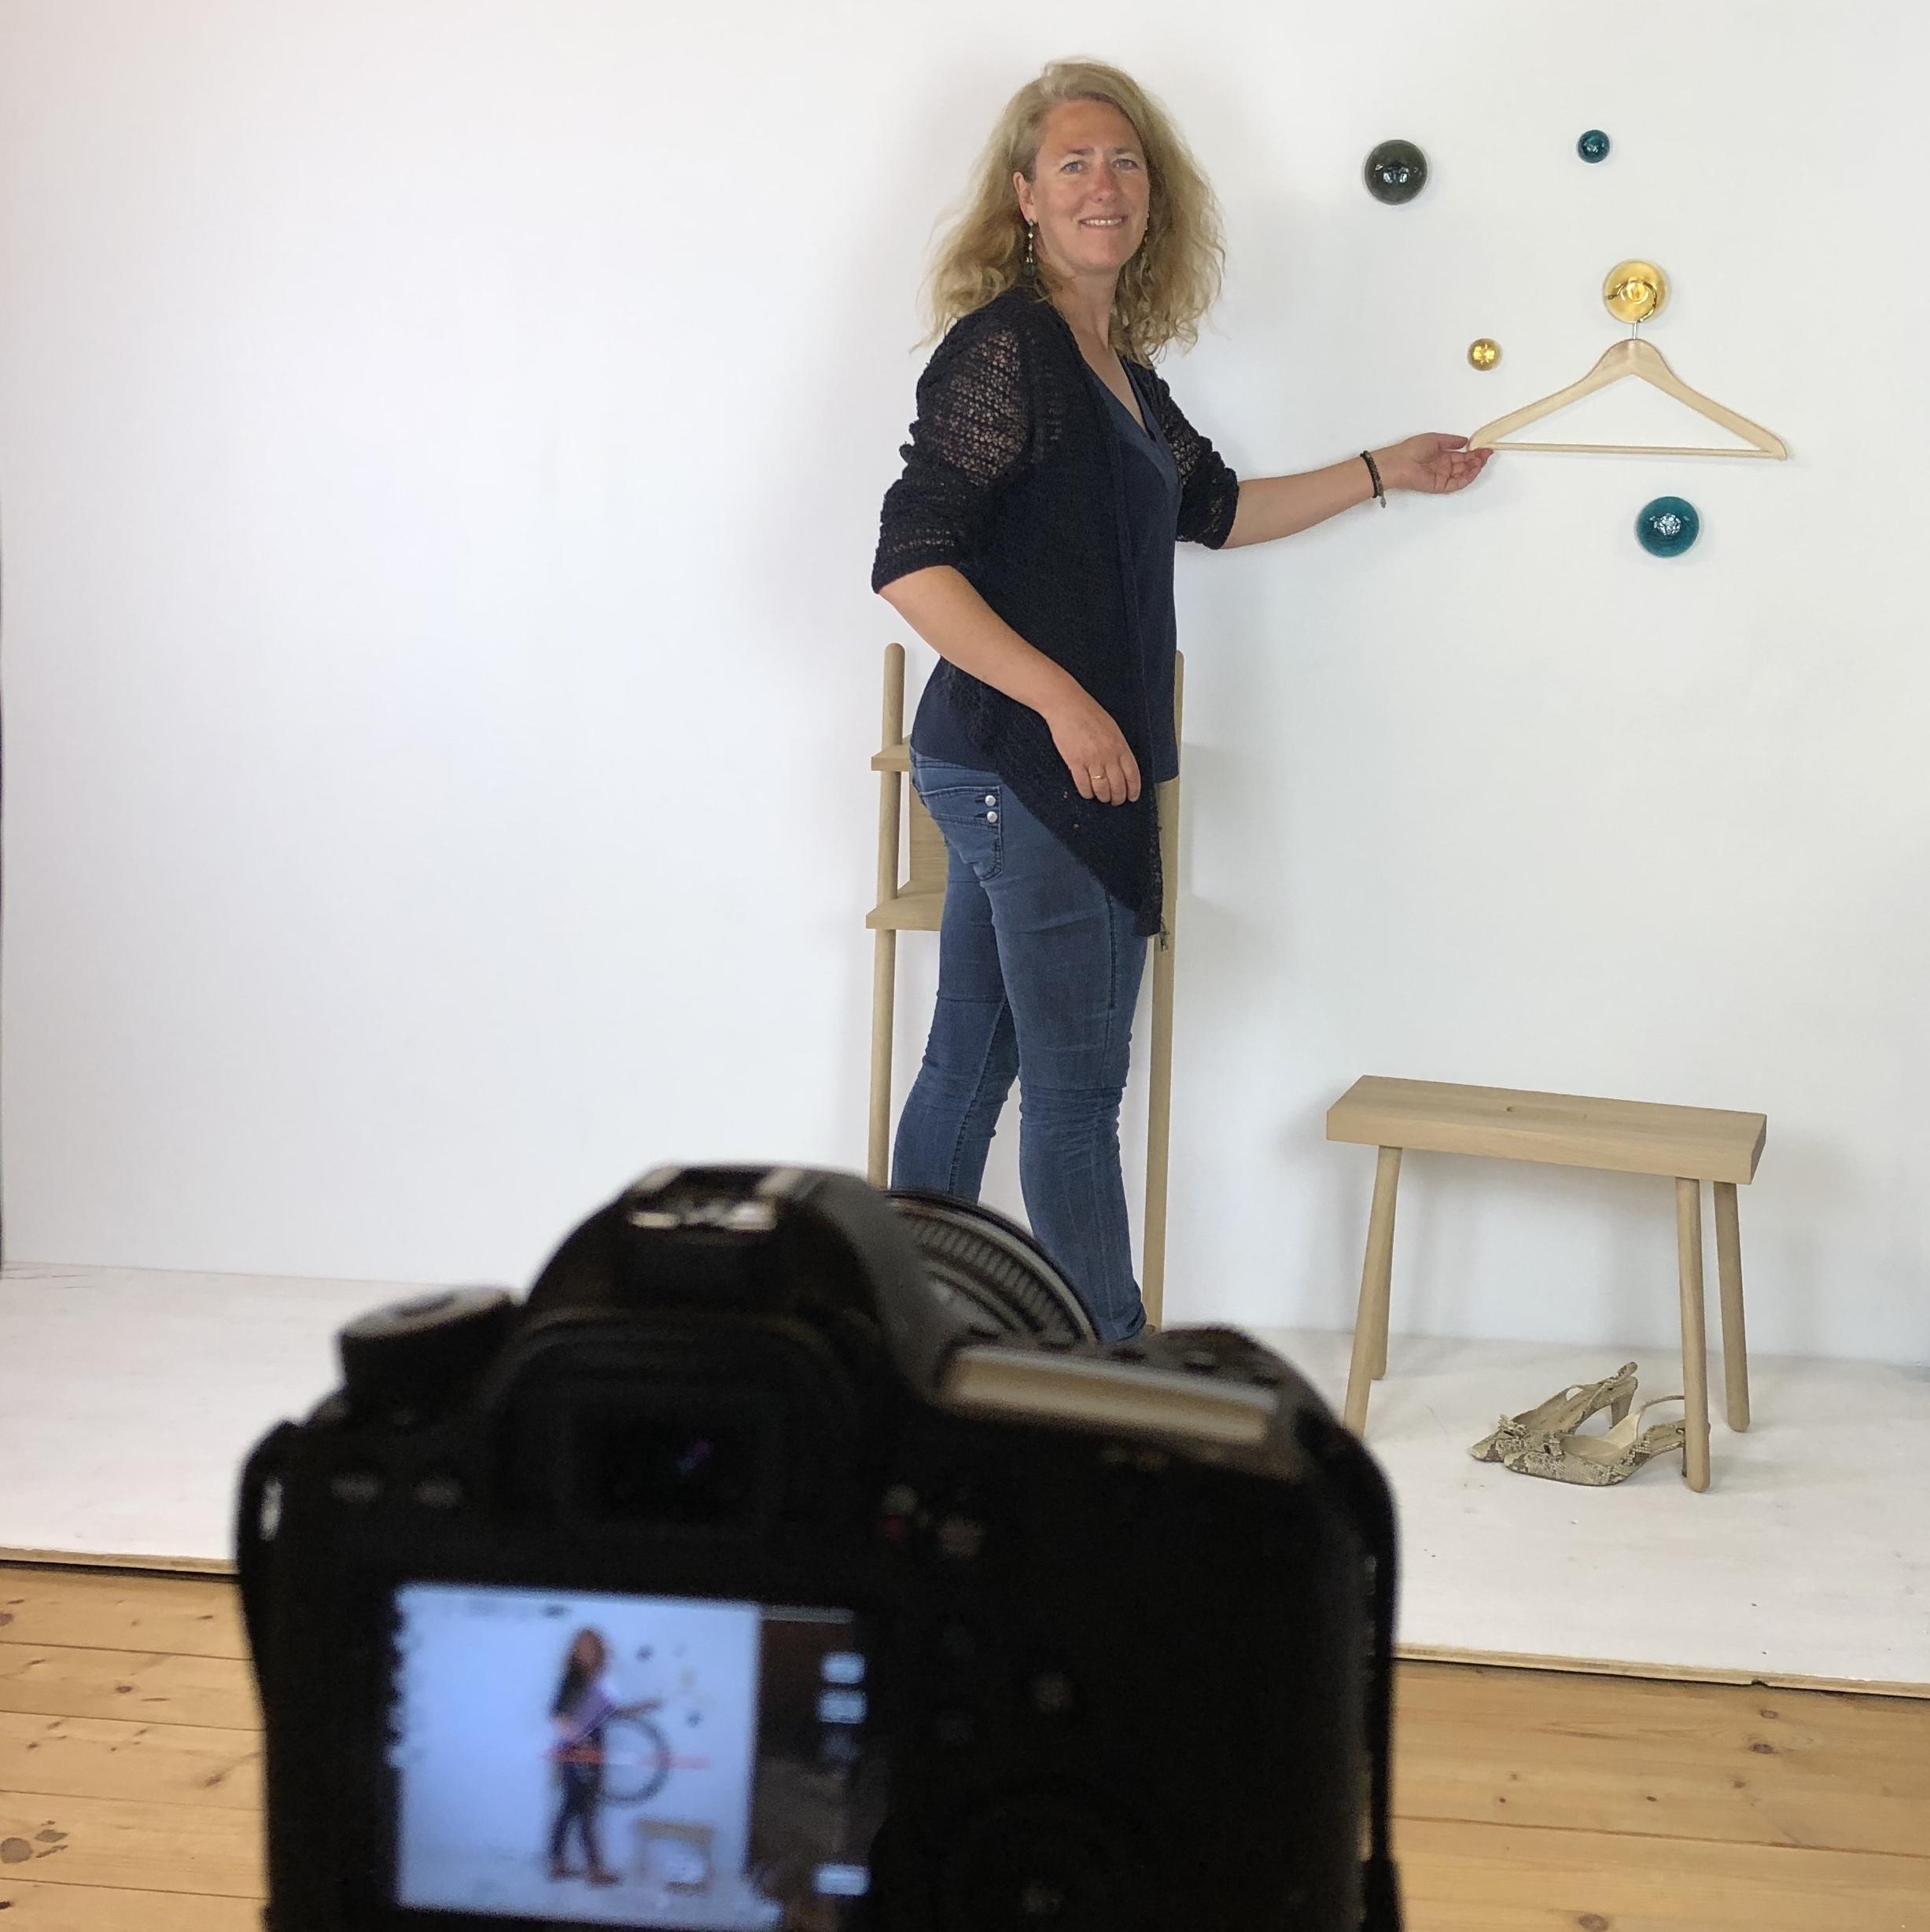 Shooting-Schubladen-Knauf-Kommode-Garderobe-Glas-von-Poschinger-FreyStil-NEU-farbig-Knopf-Haken-Dots-montanblau-turkis-oben